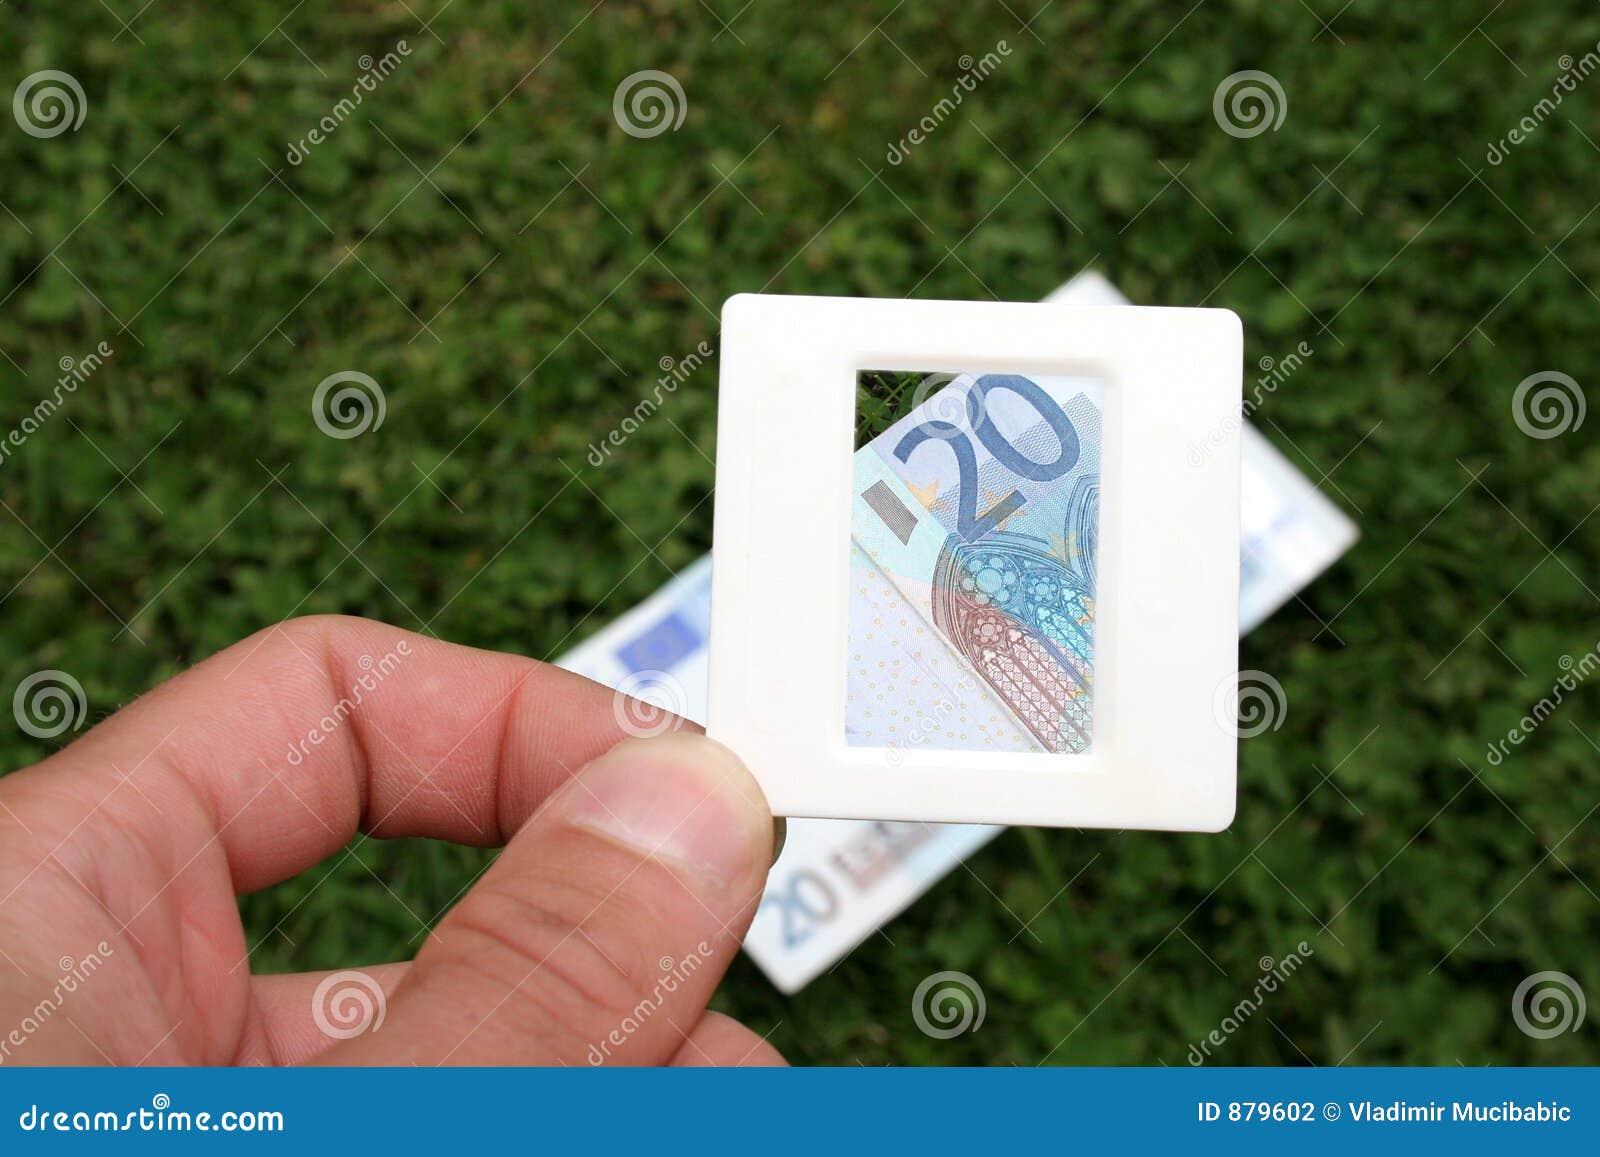 Slajd 20 euro